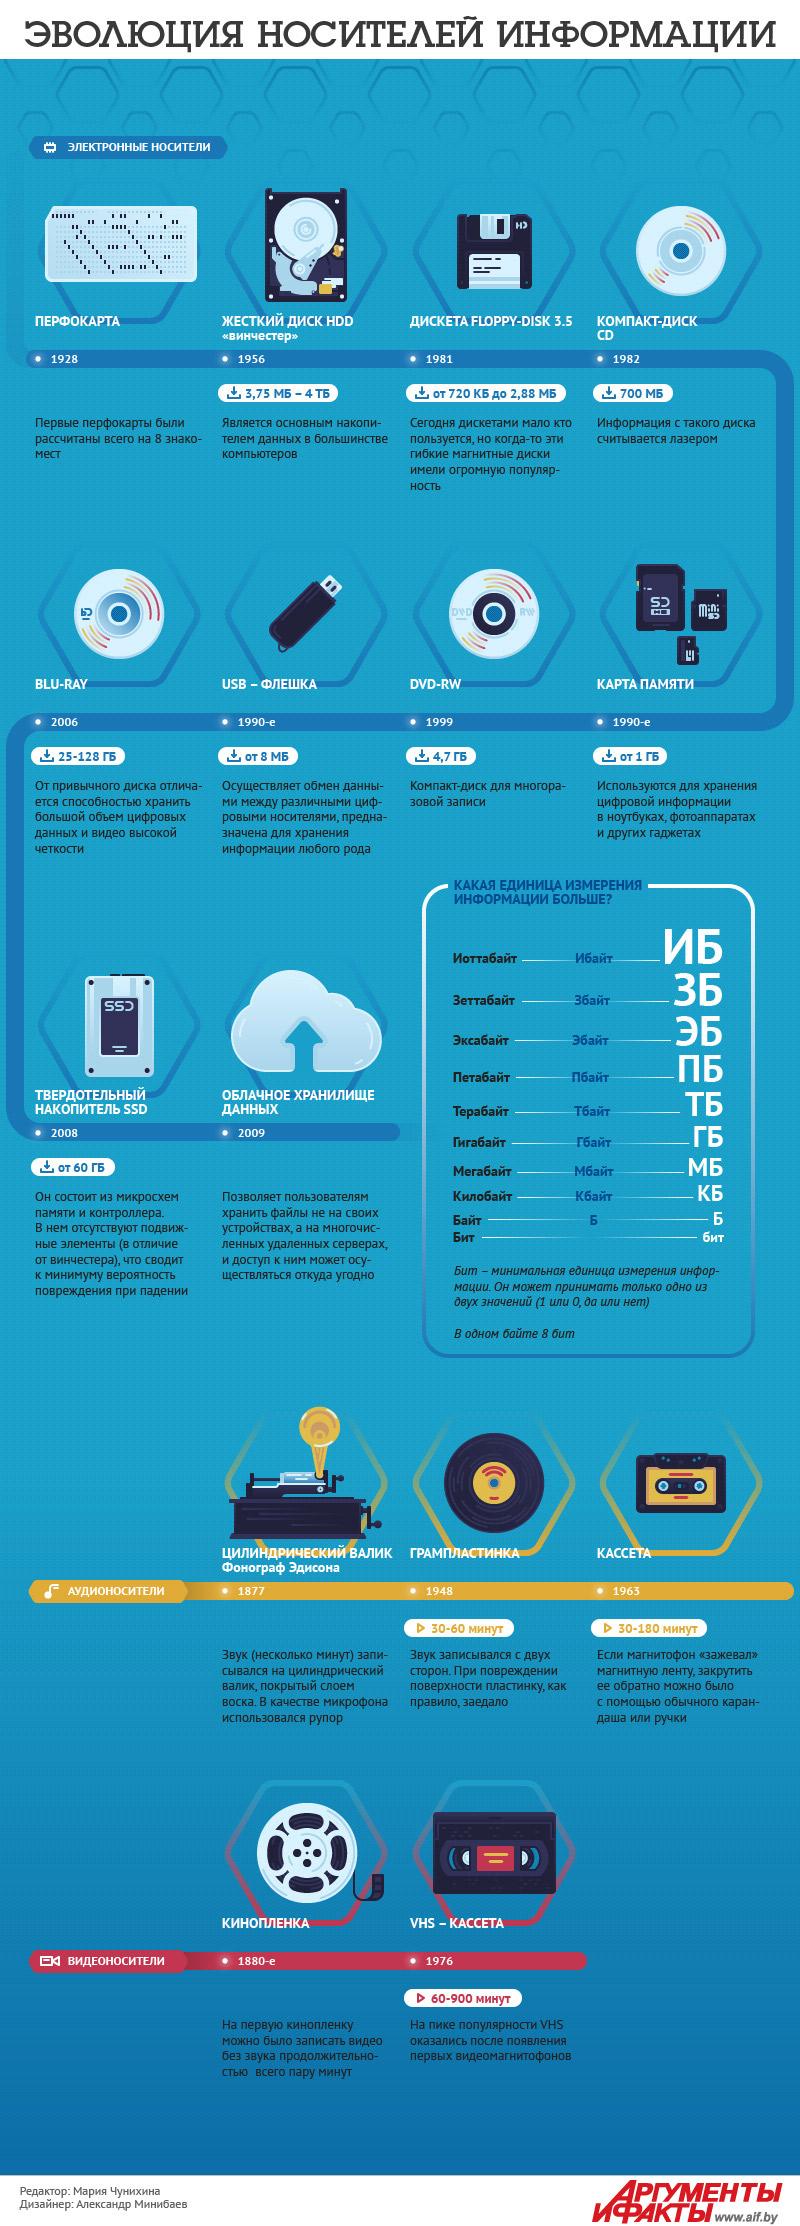 Эволюция носителей информации. Инфографика